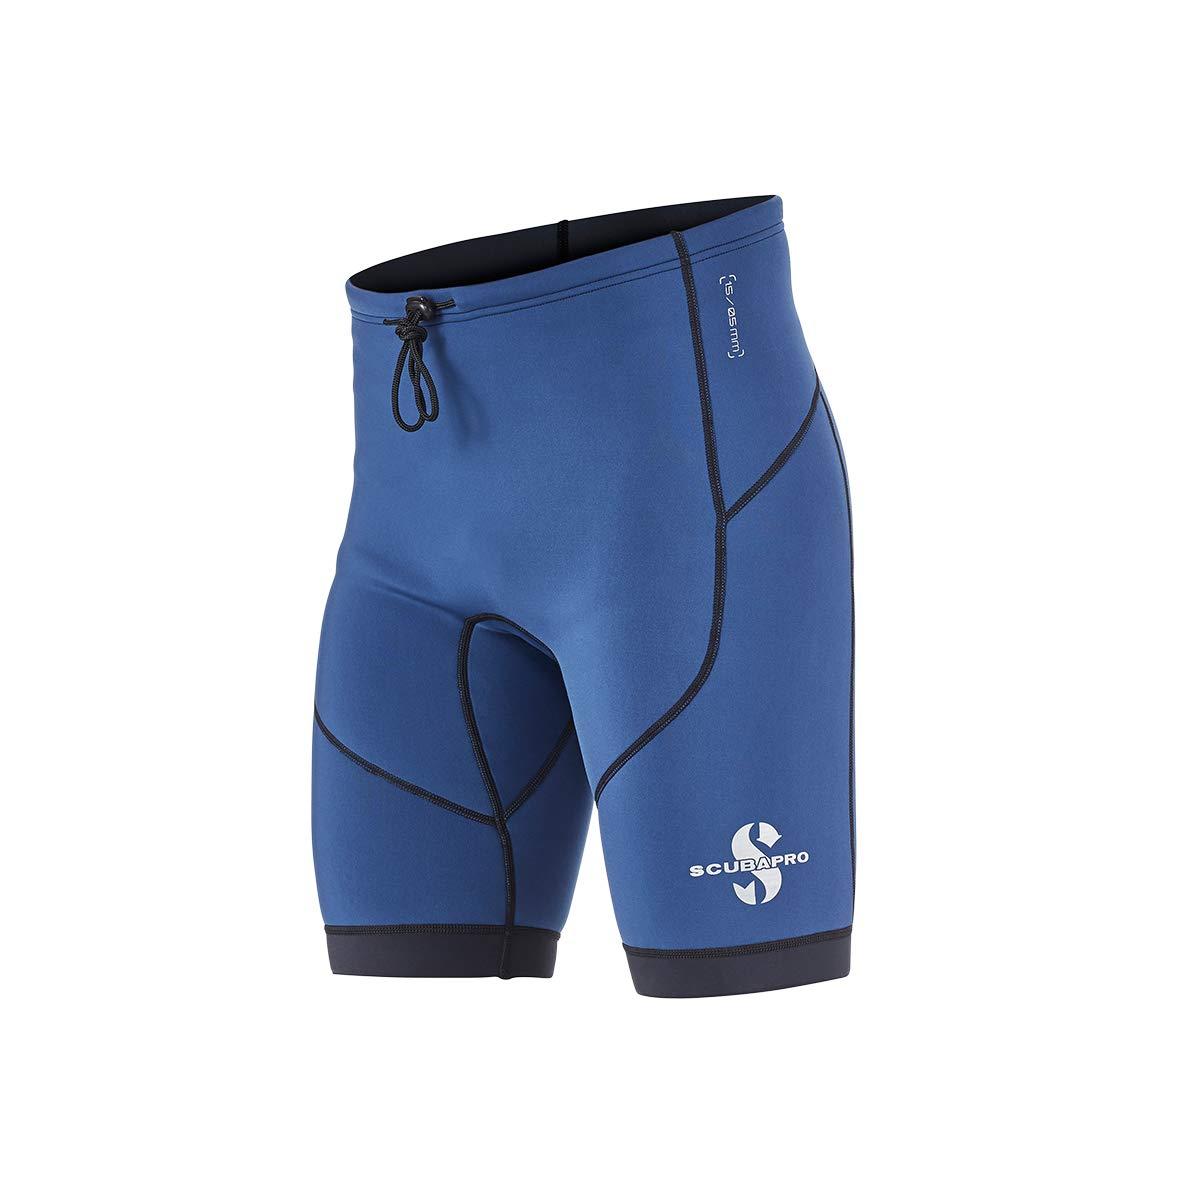 Scubapro Men's 1.5mm Everflex Dive Shorts (Aegean, 3X-Large)